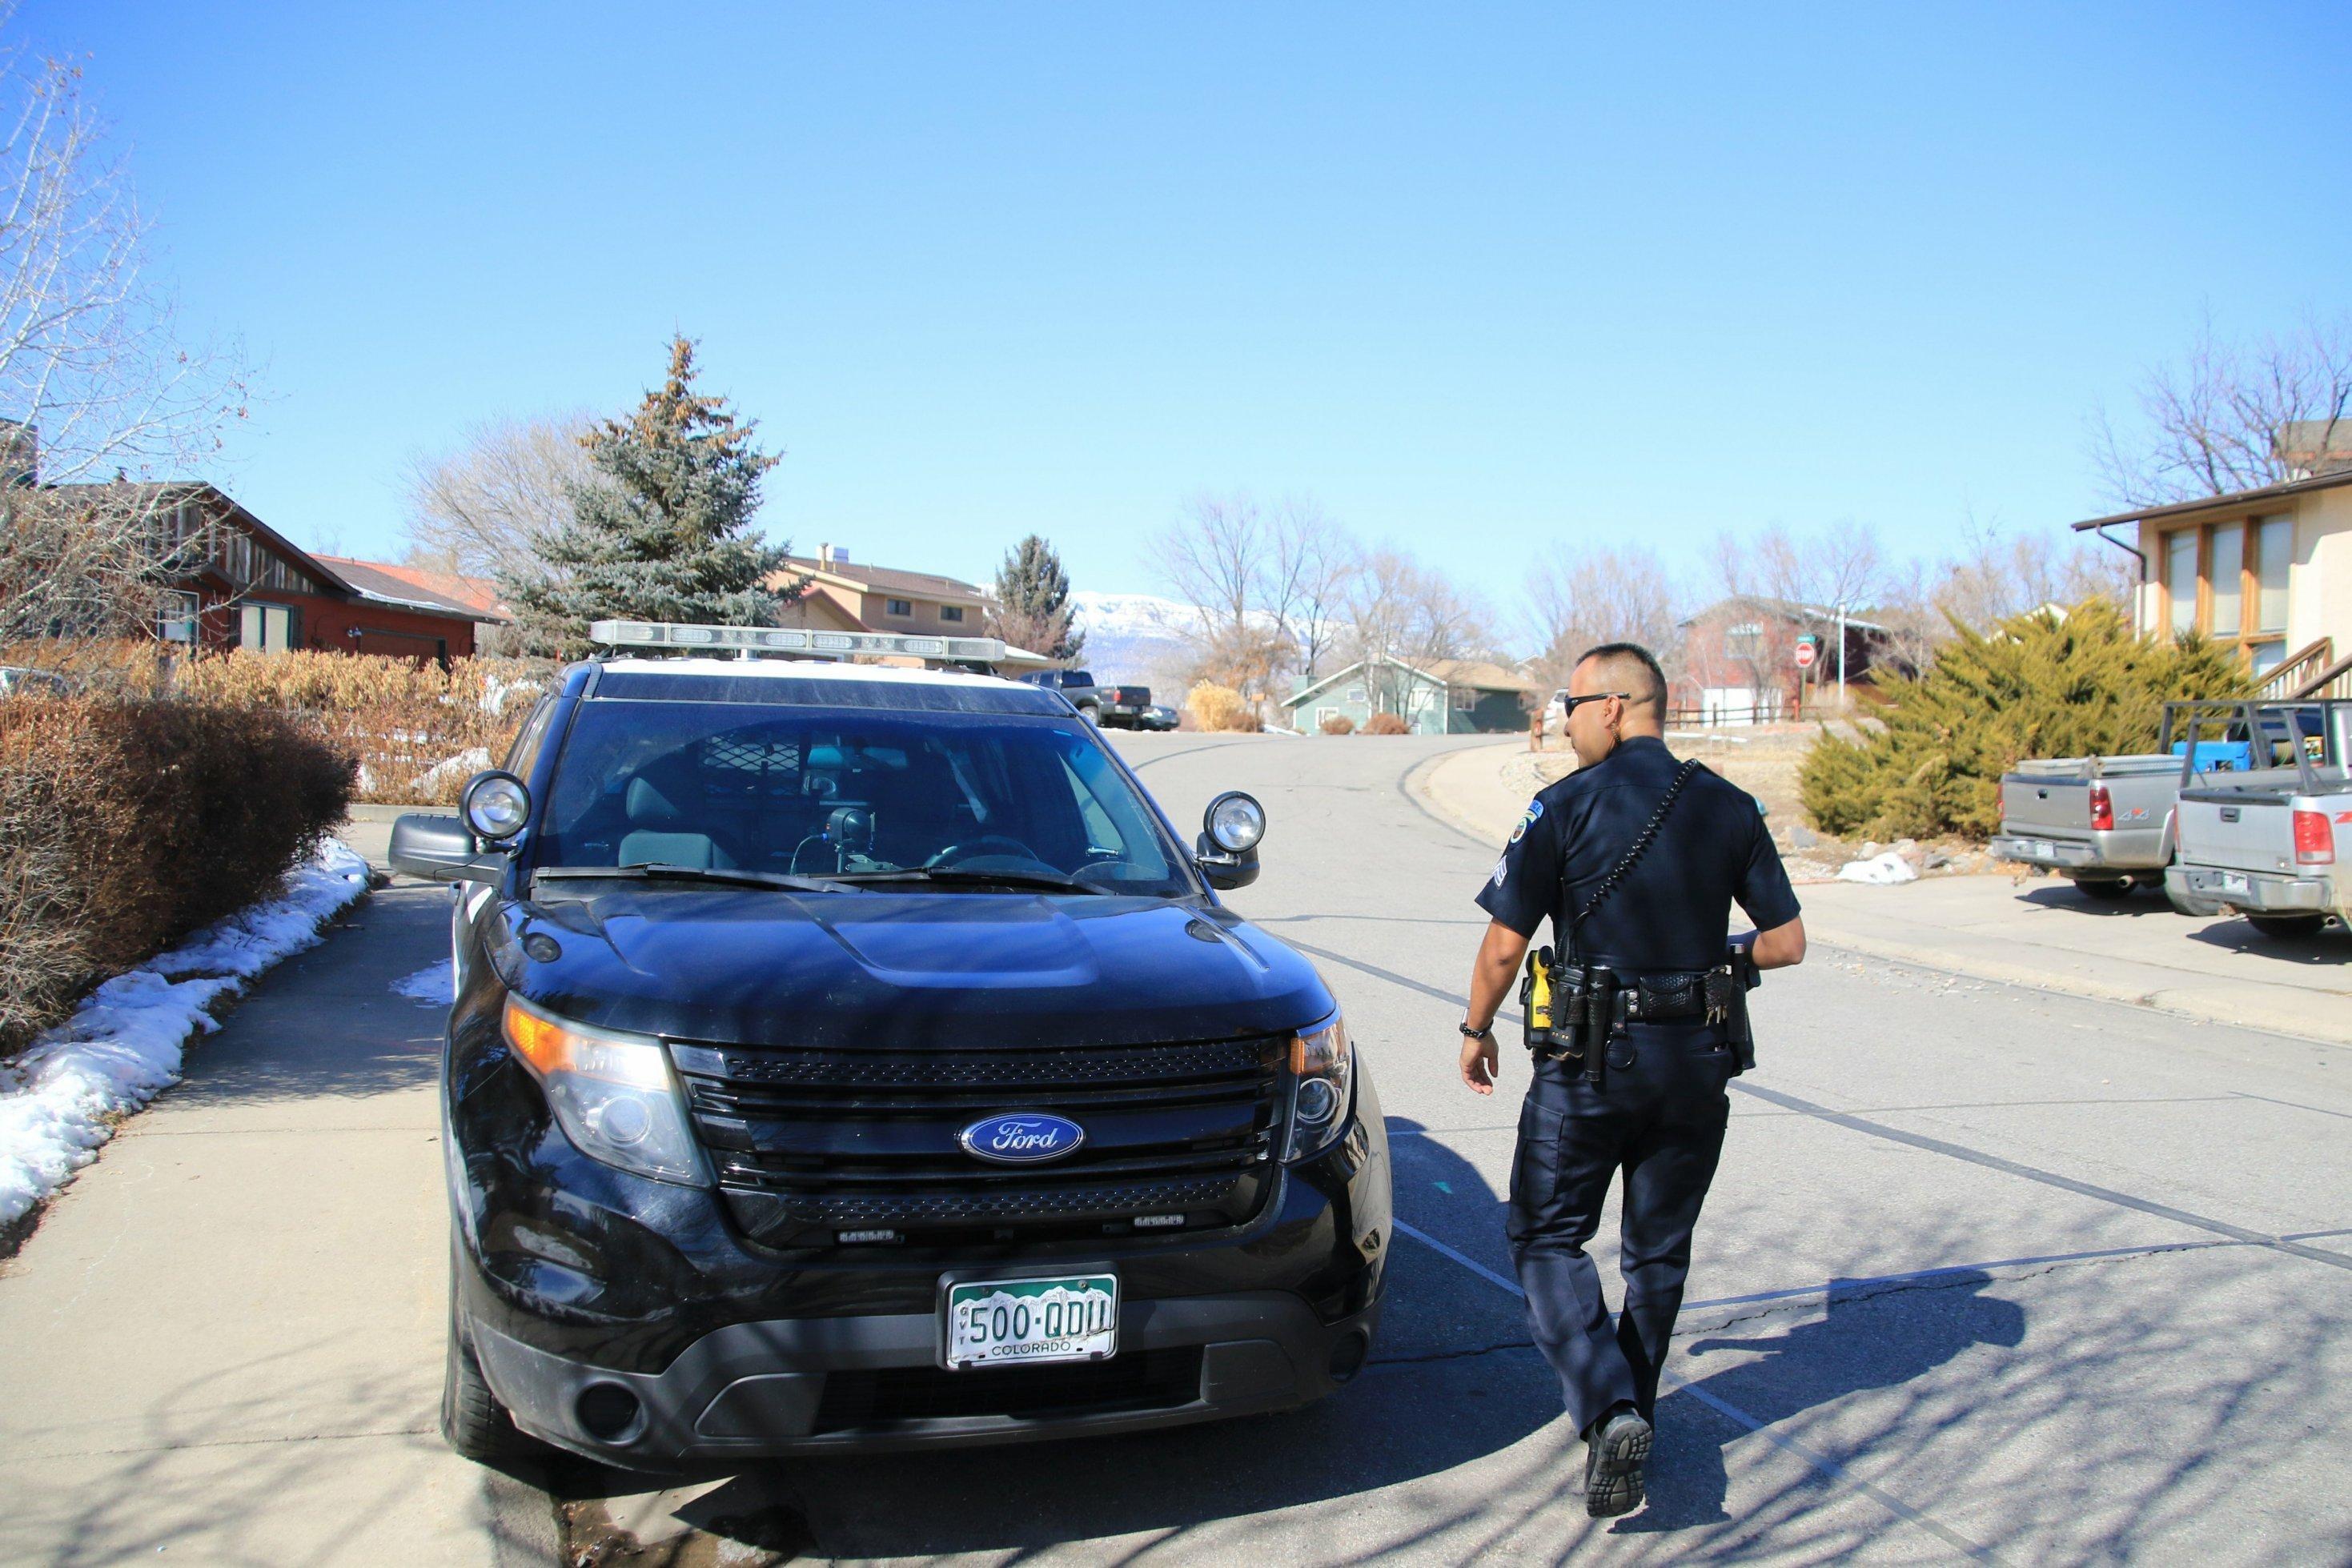 Ein Polizist geht zu seinem Streifenwagen.